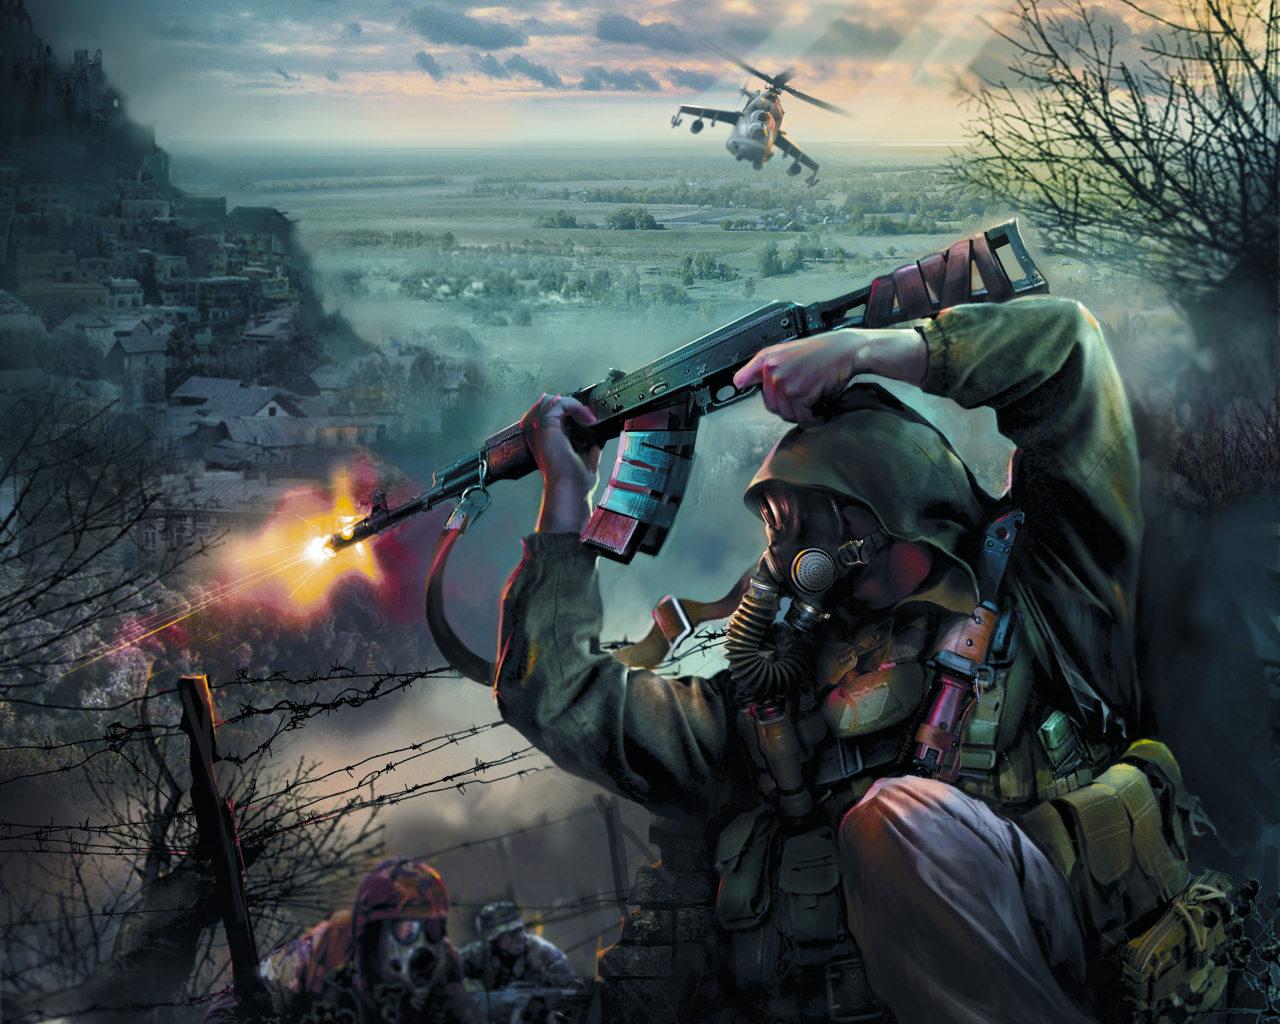 Badass Wallpapers War 1280x1024